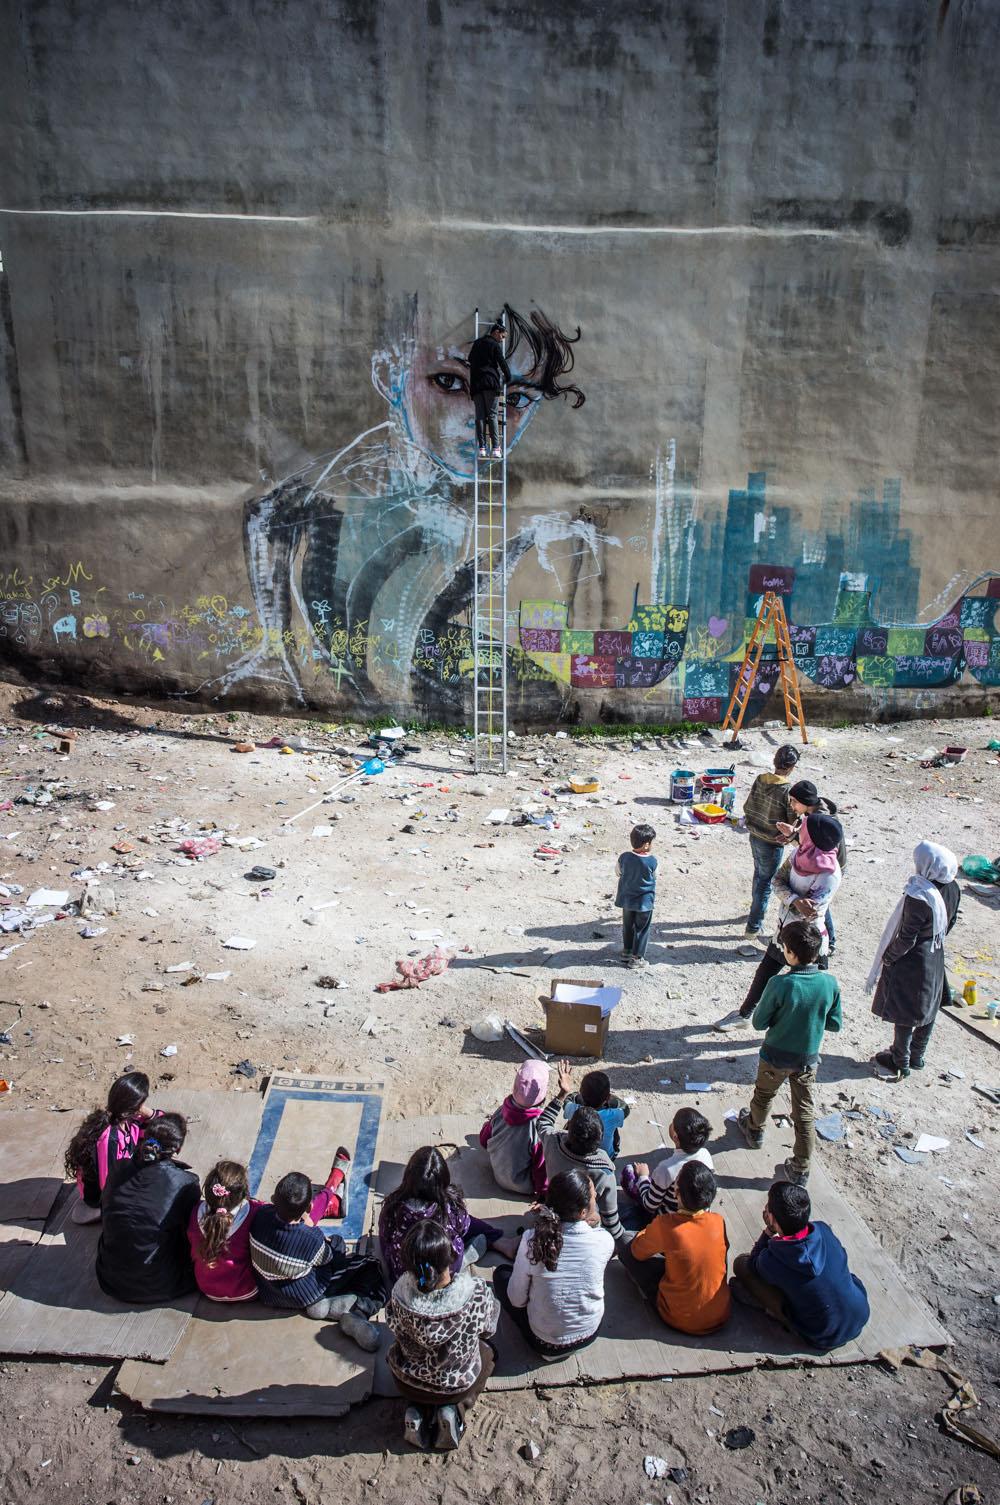 herakut-new-murals-in-zaatari-jordan-02